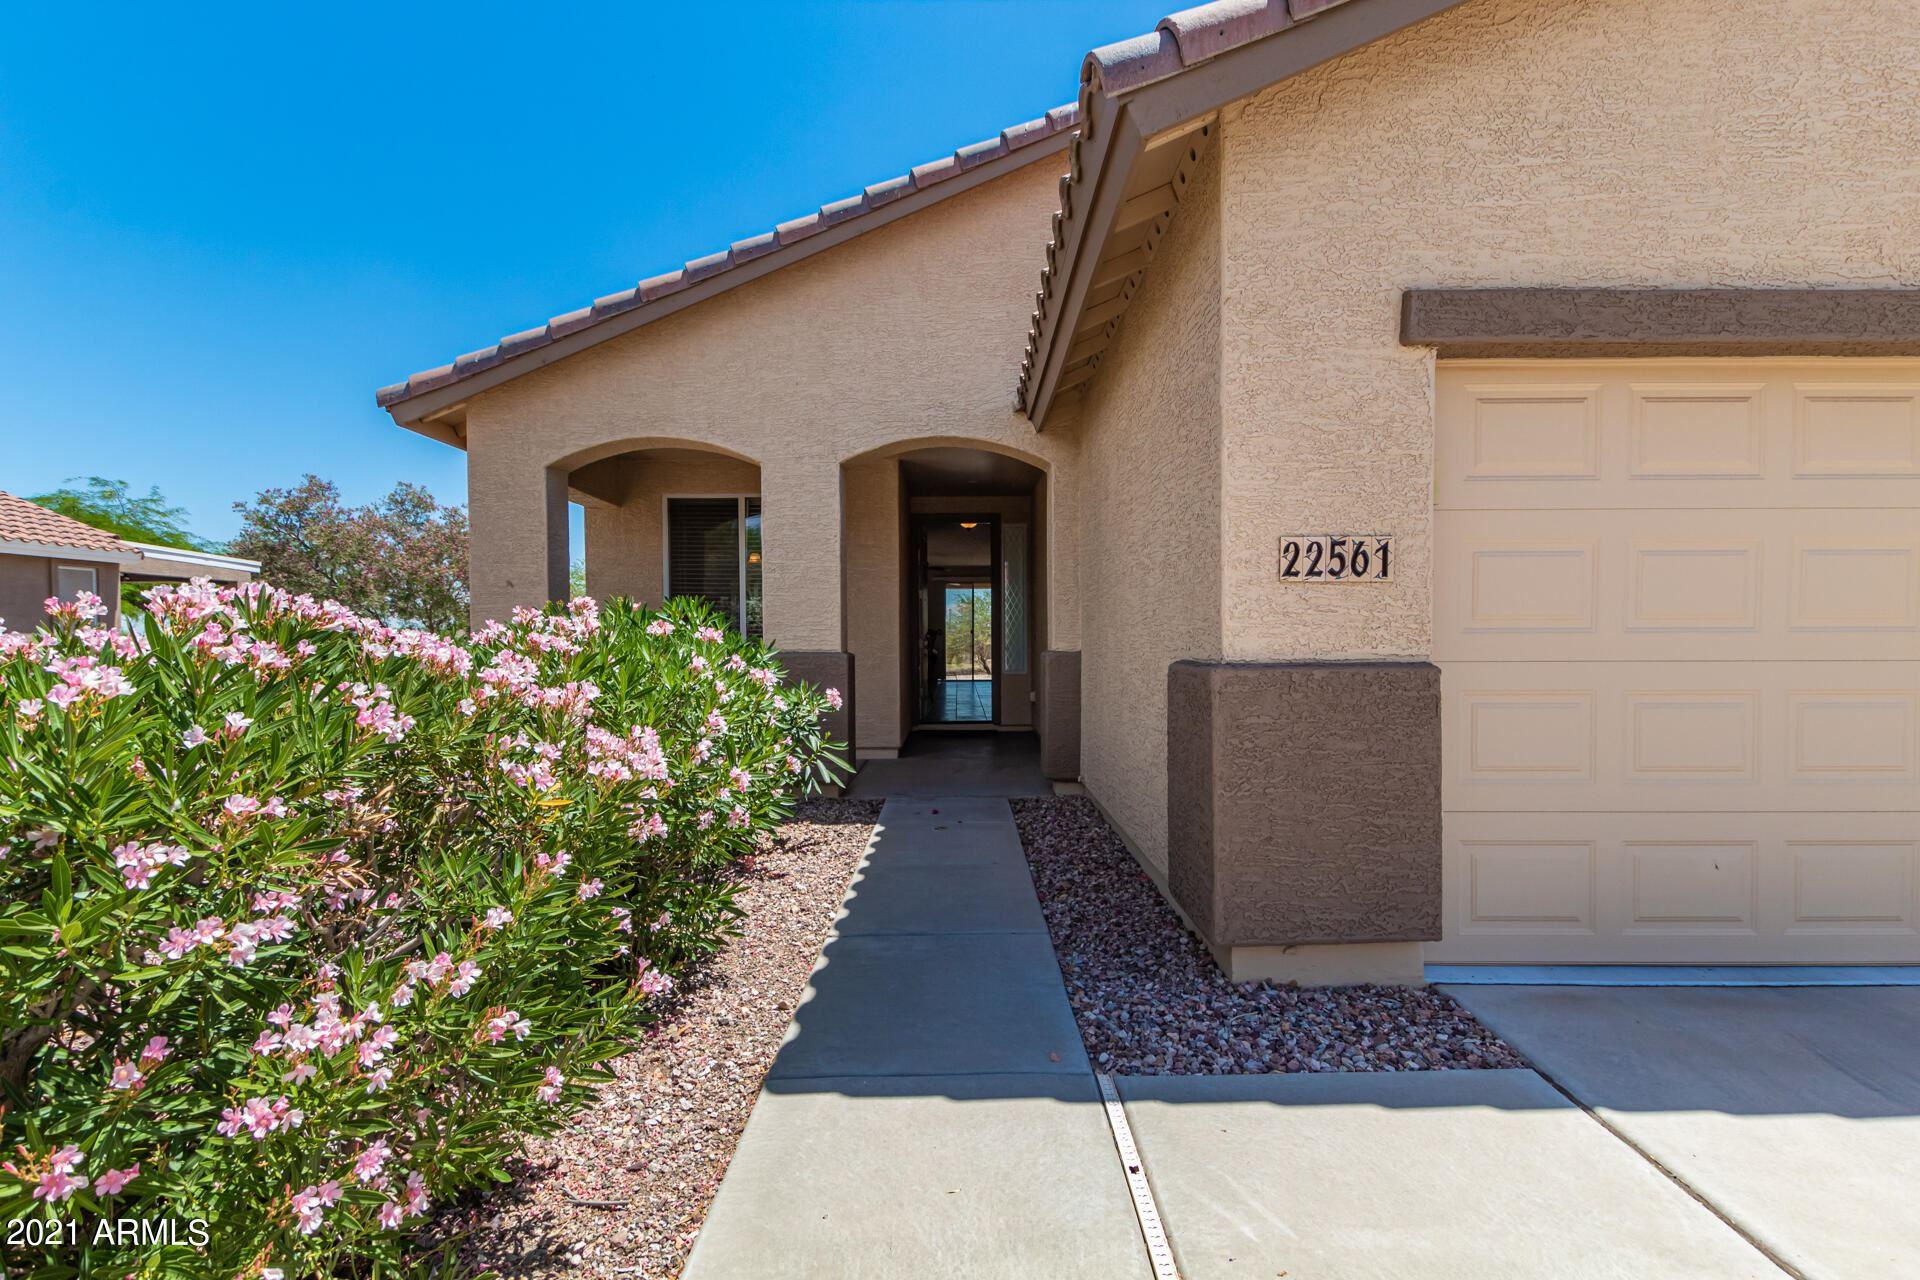 Photo of 22561 W TWILIGHT Trail, Buckeye, AZ 85326 (MLS # 6232464)